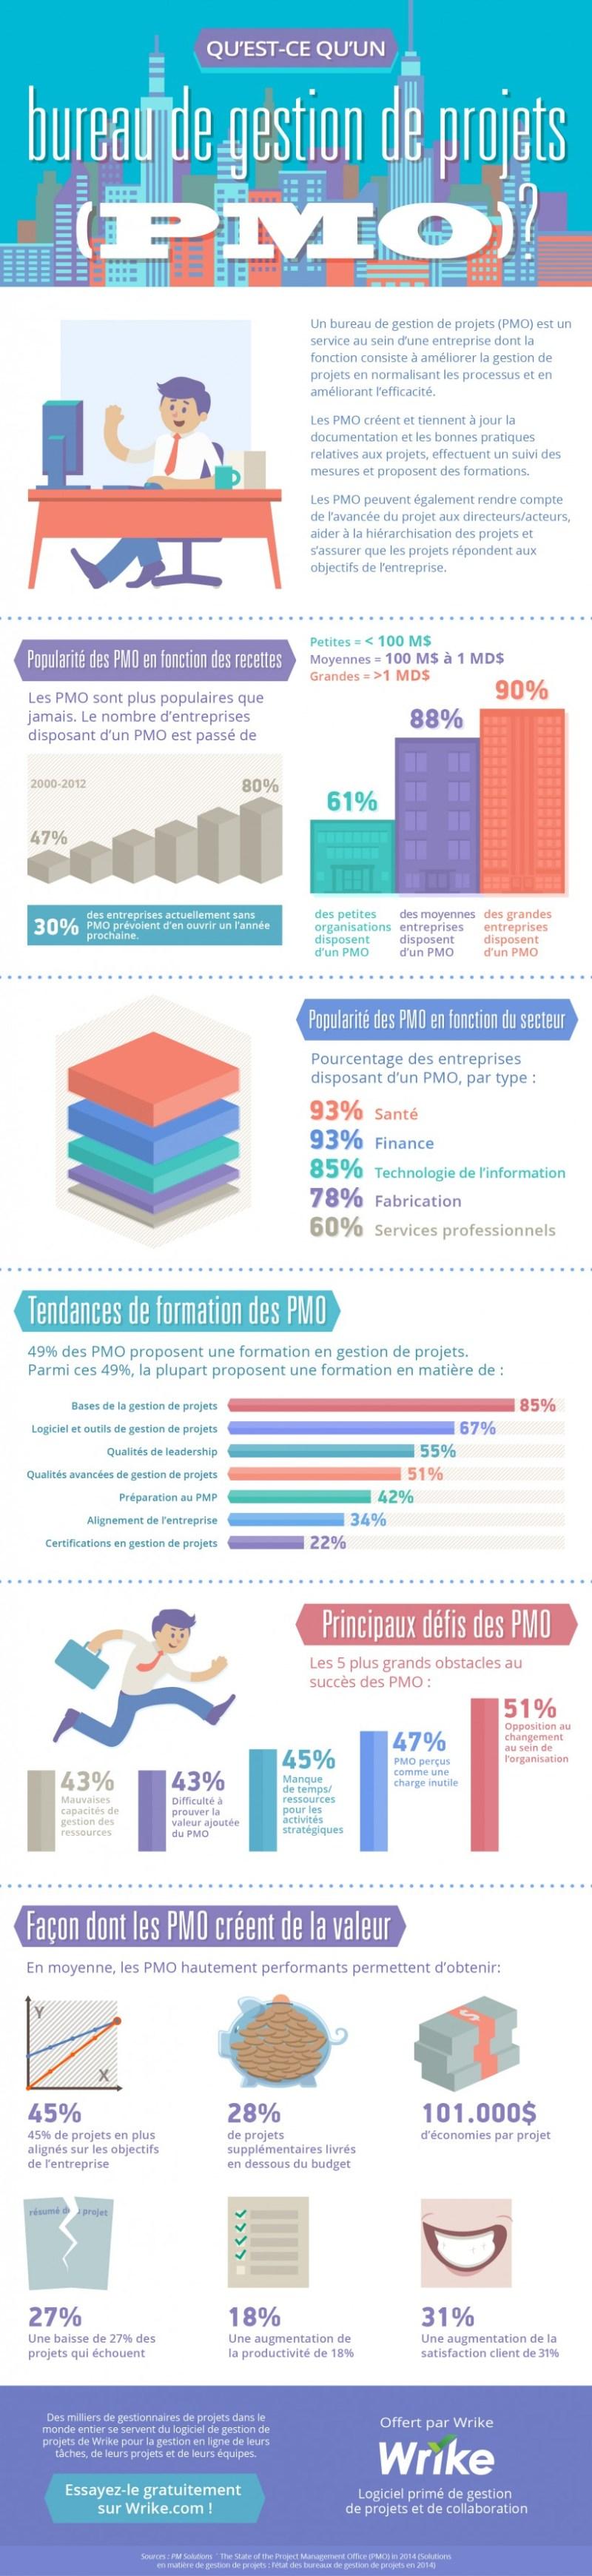 Bases de la gestion de projets: Qu'est-ce qu'un PMO?